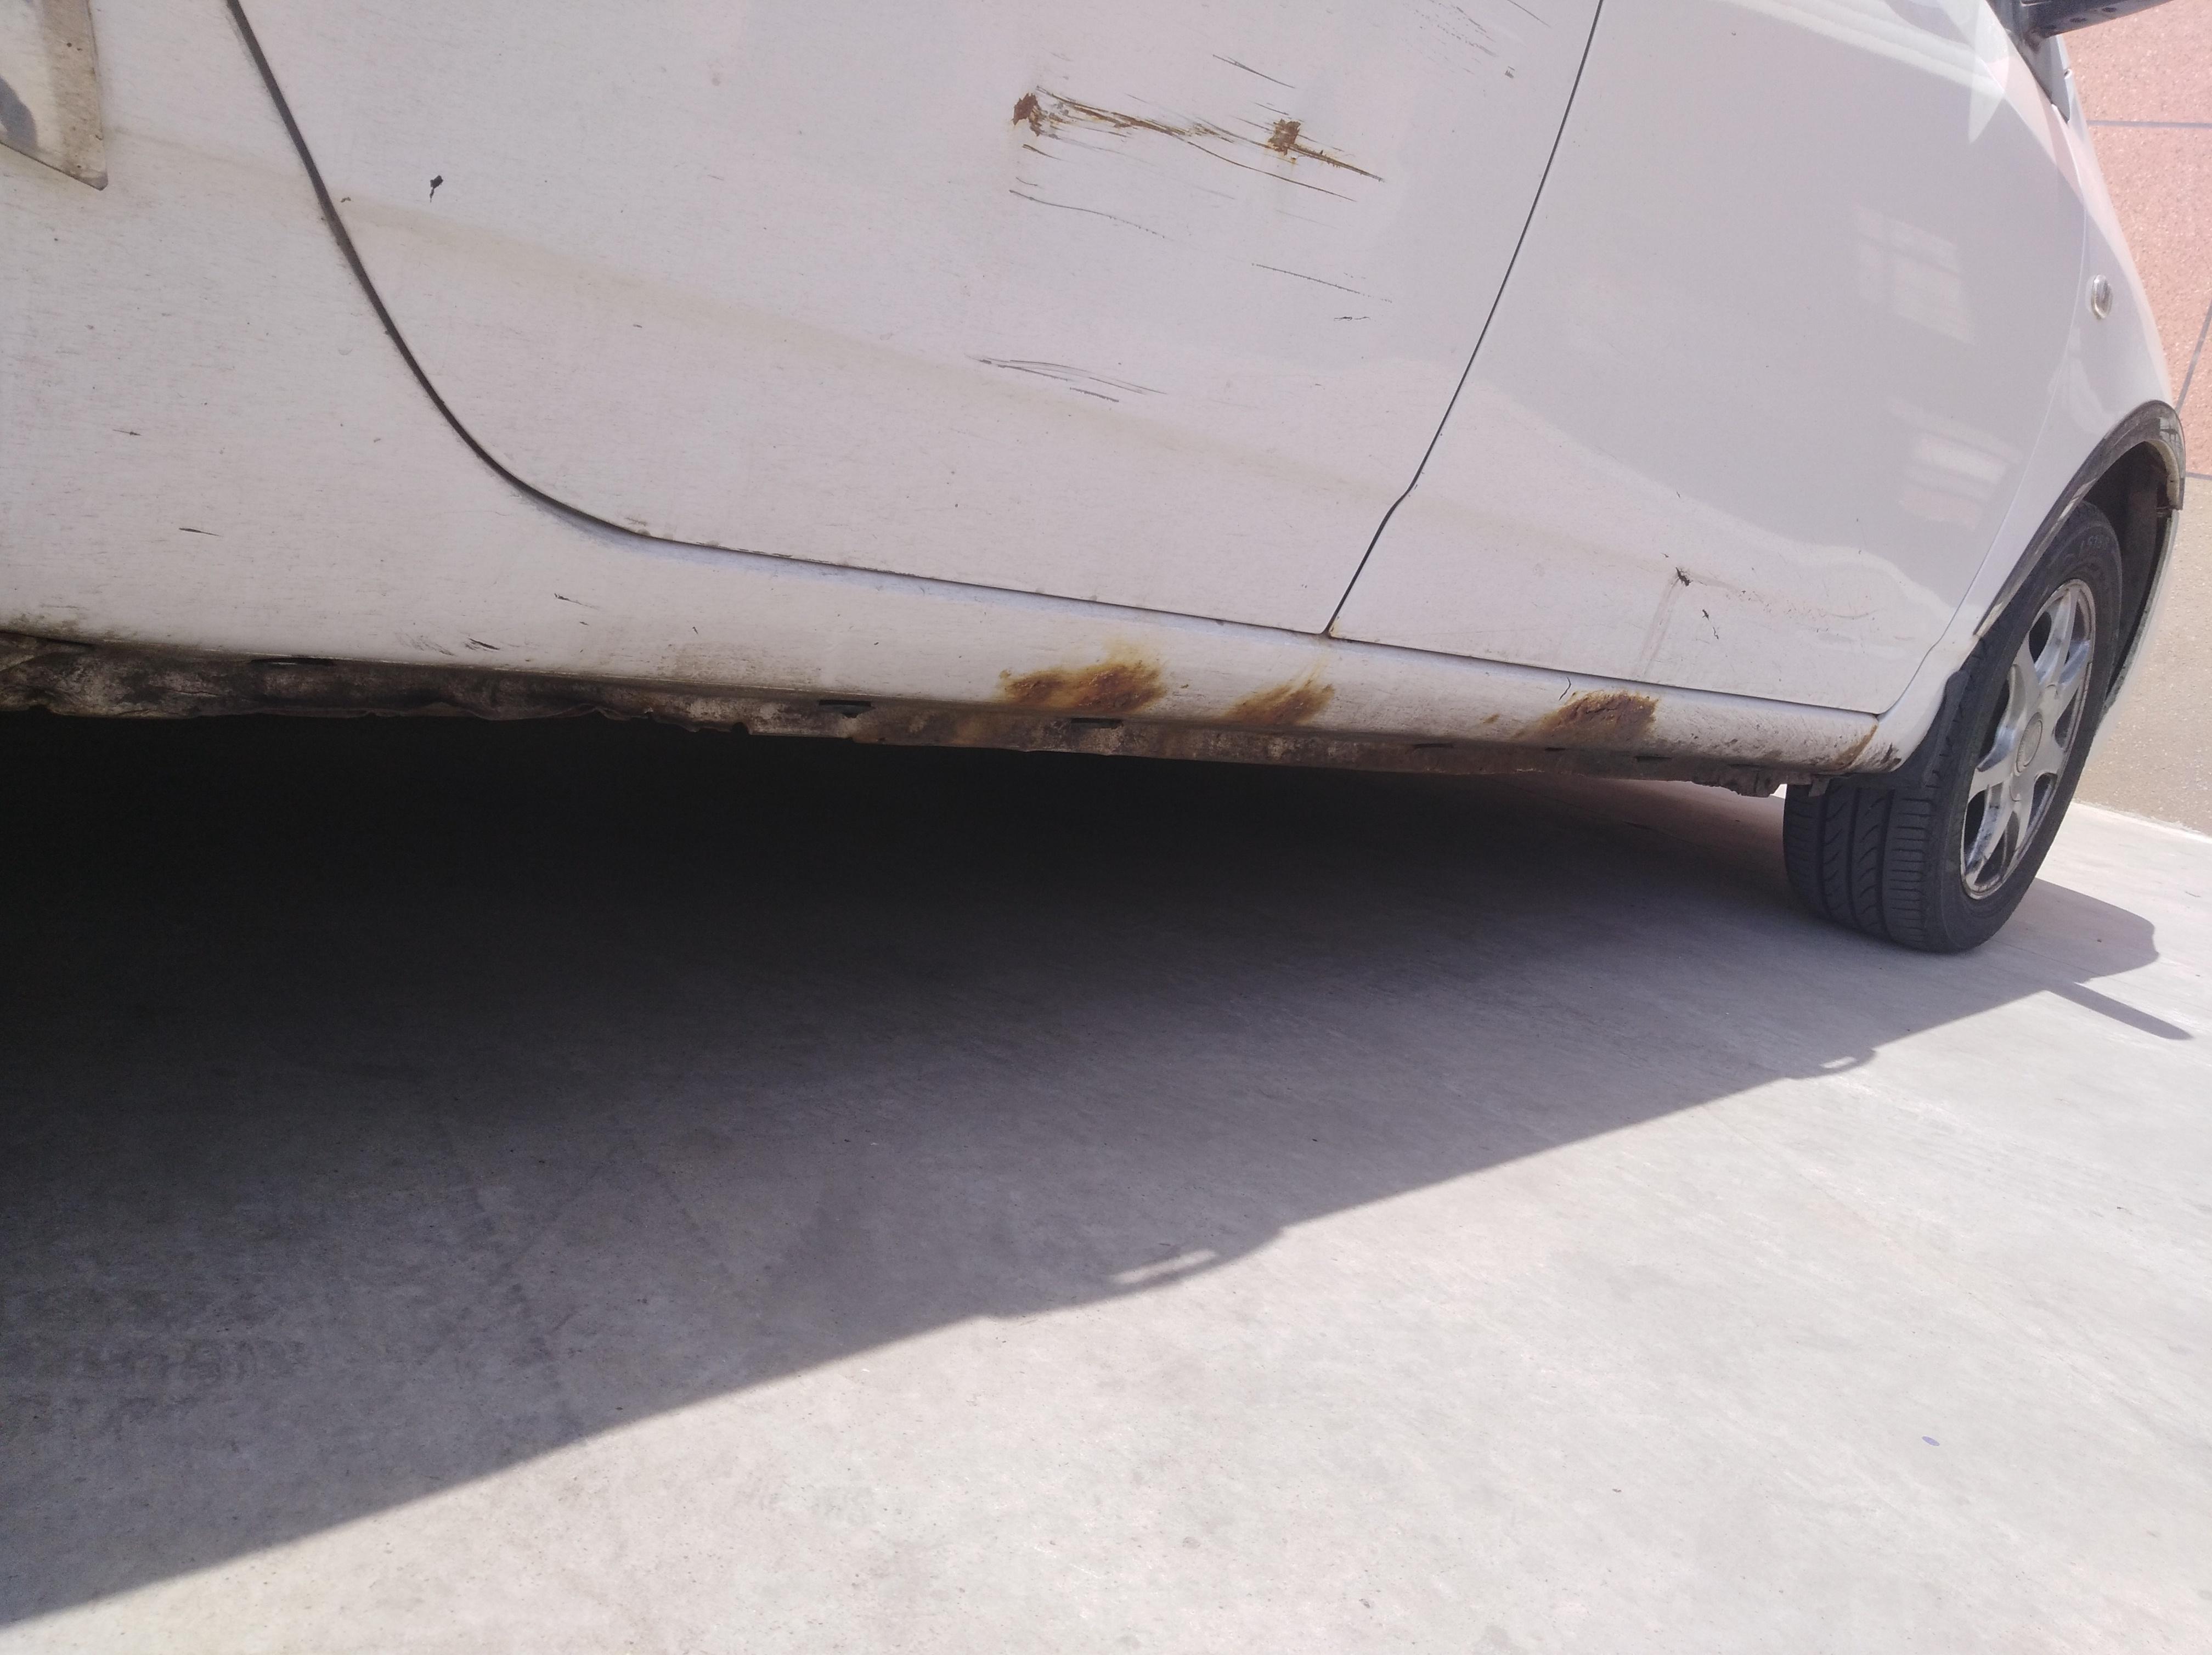 比亚迪-比亚迪F3  车底两侧里外腐烂,车梁也腐烂,车门边缘也生绣